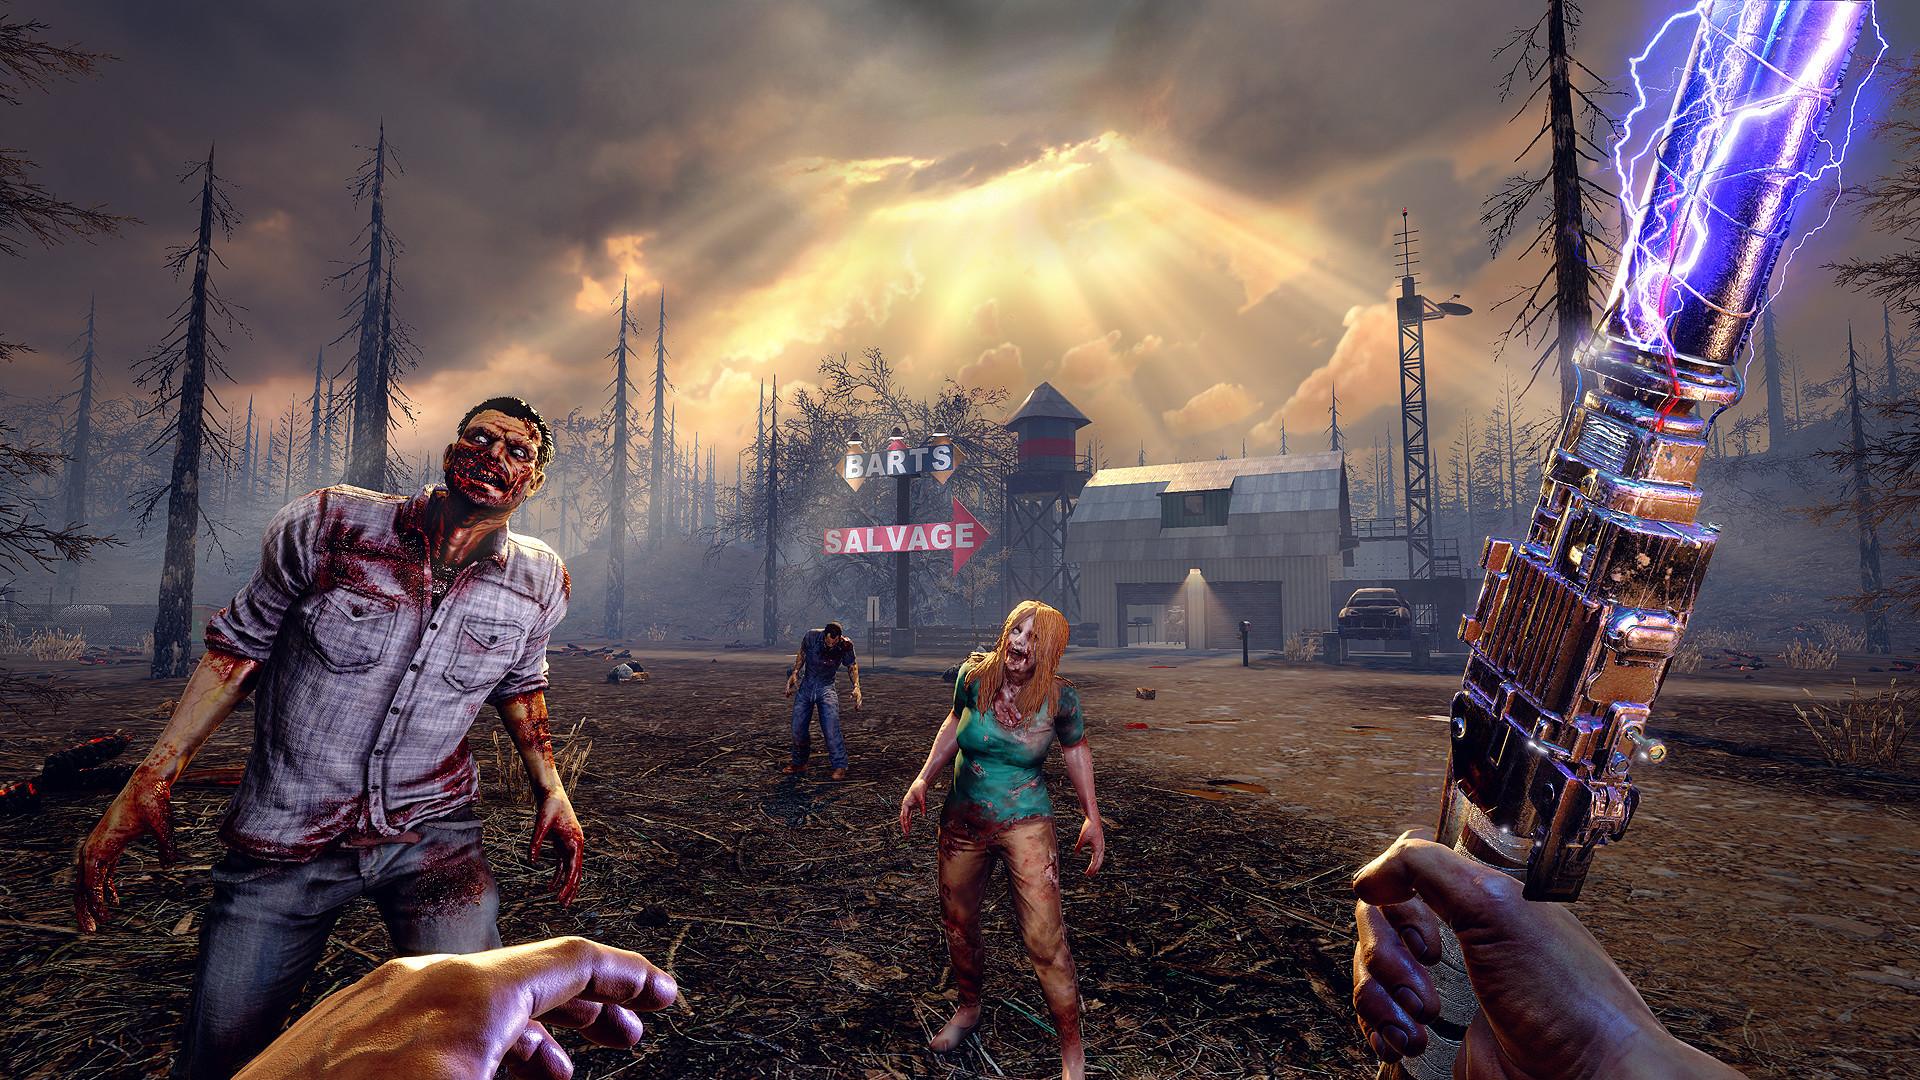 游戏《七日杀》在丧尸横行的末日废土中如何生存下去 (9)